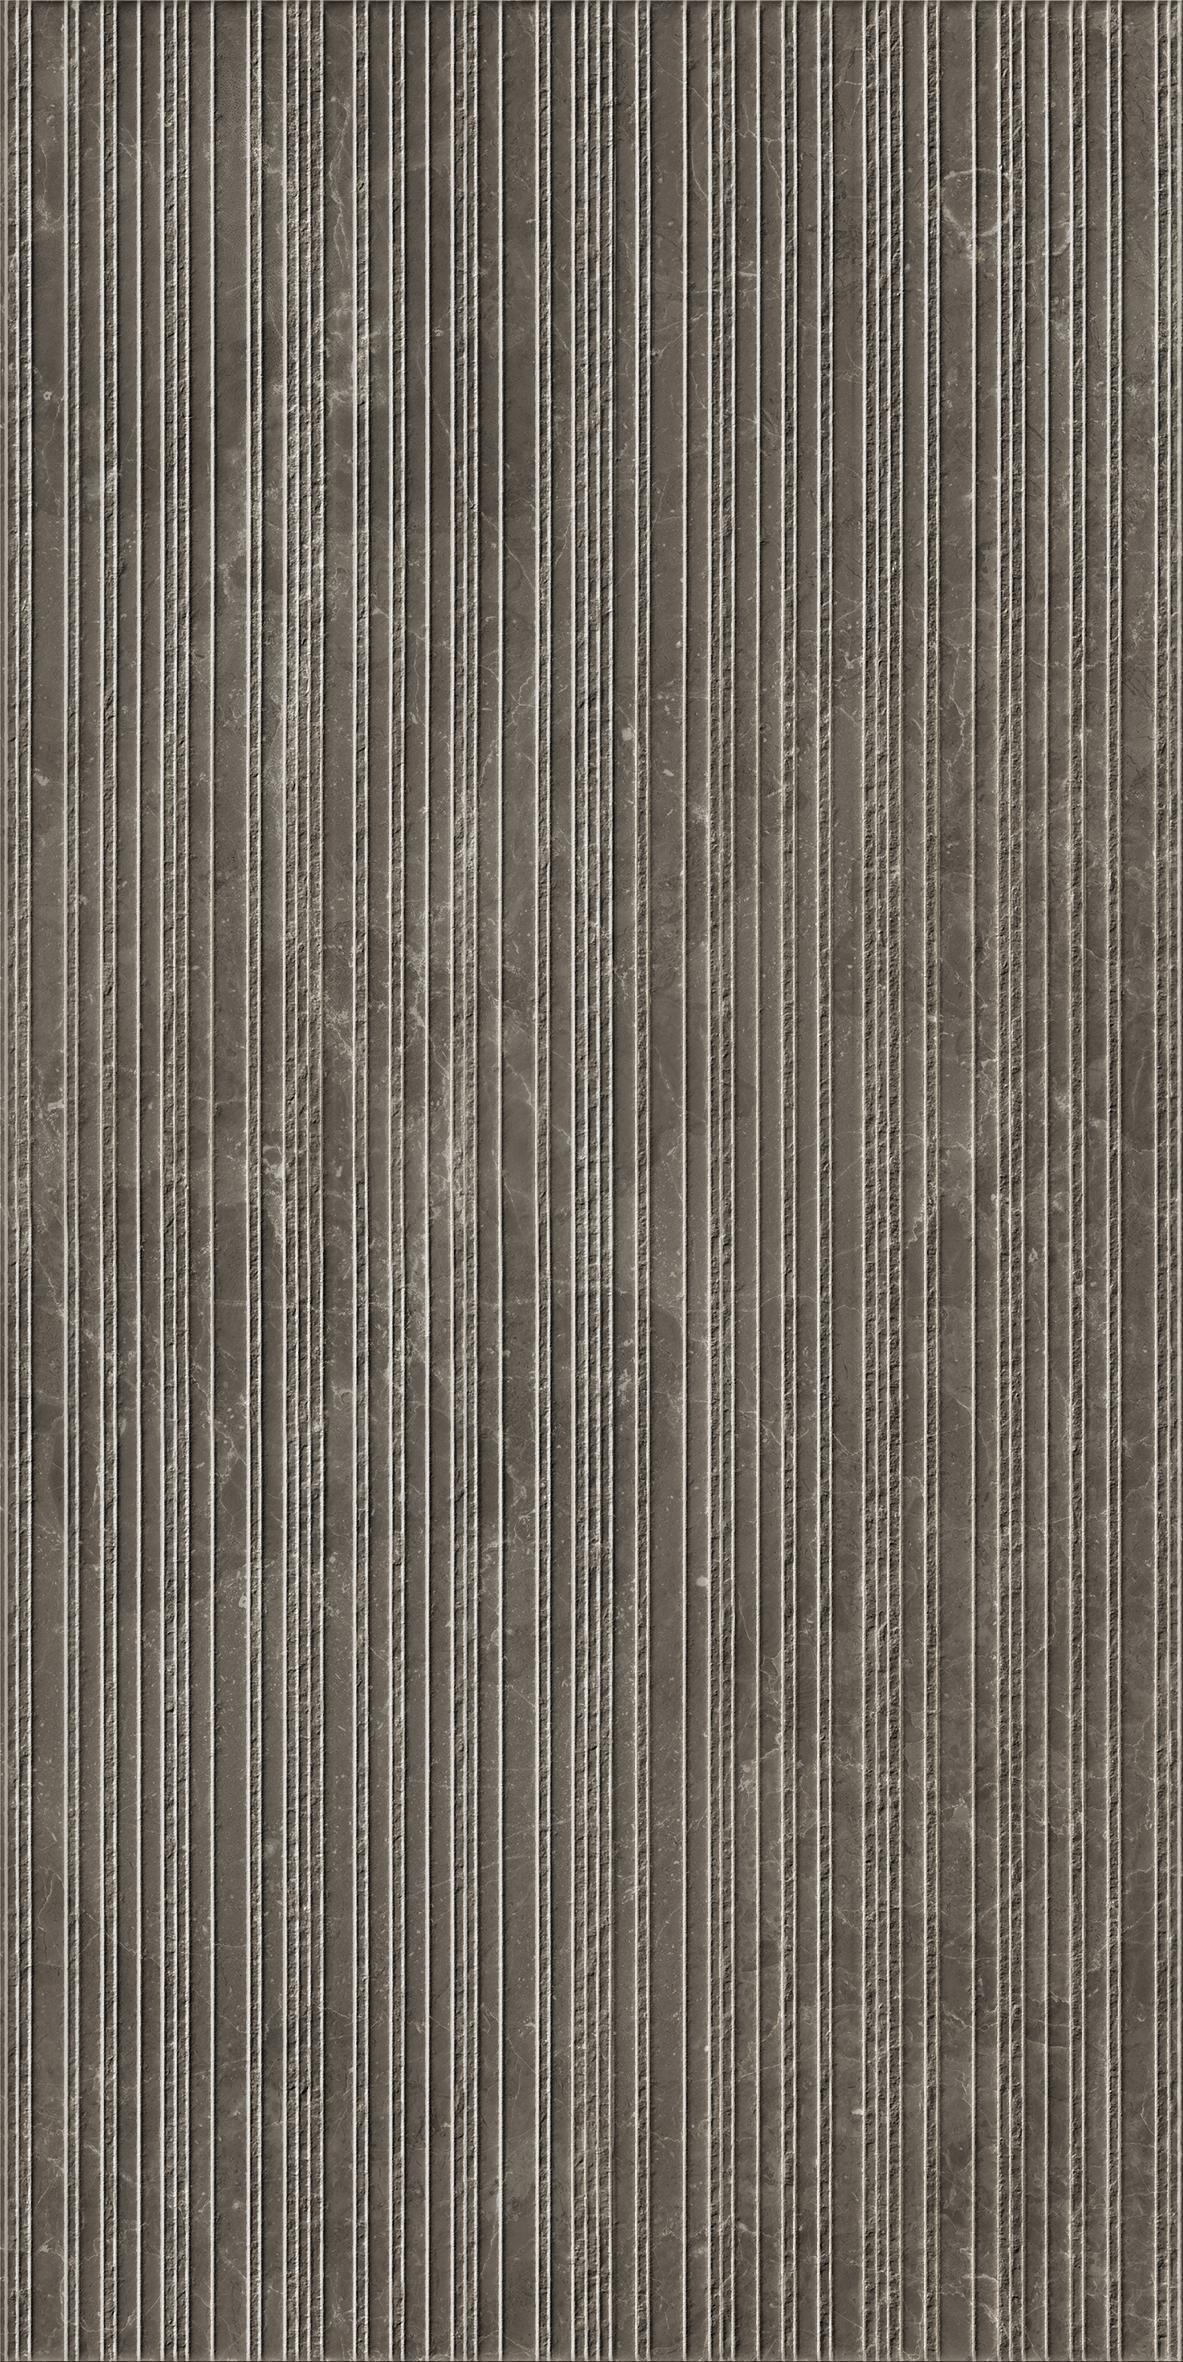 Плитка из керамогранита структурированная Italon Рум 30x60 серый (610010001466)